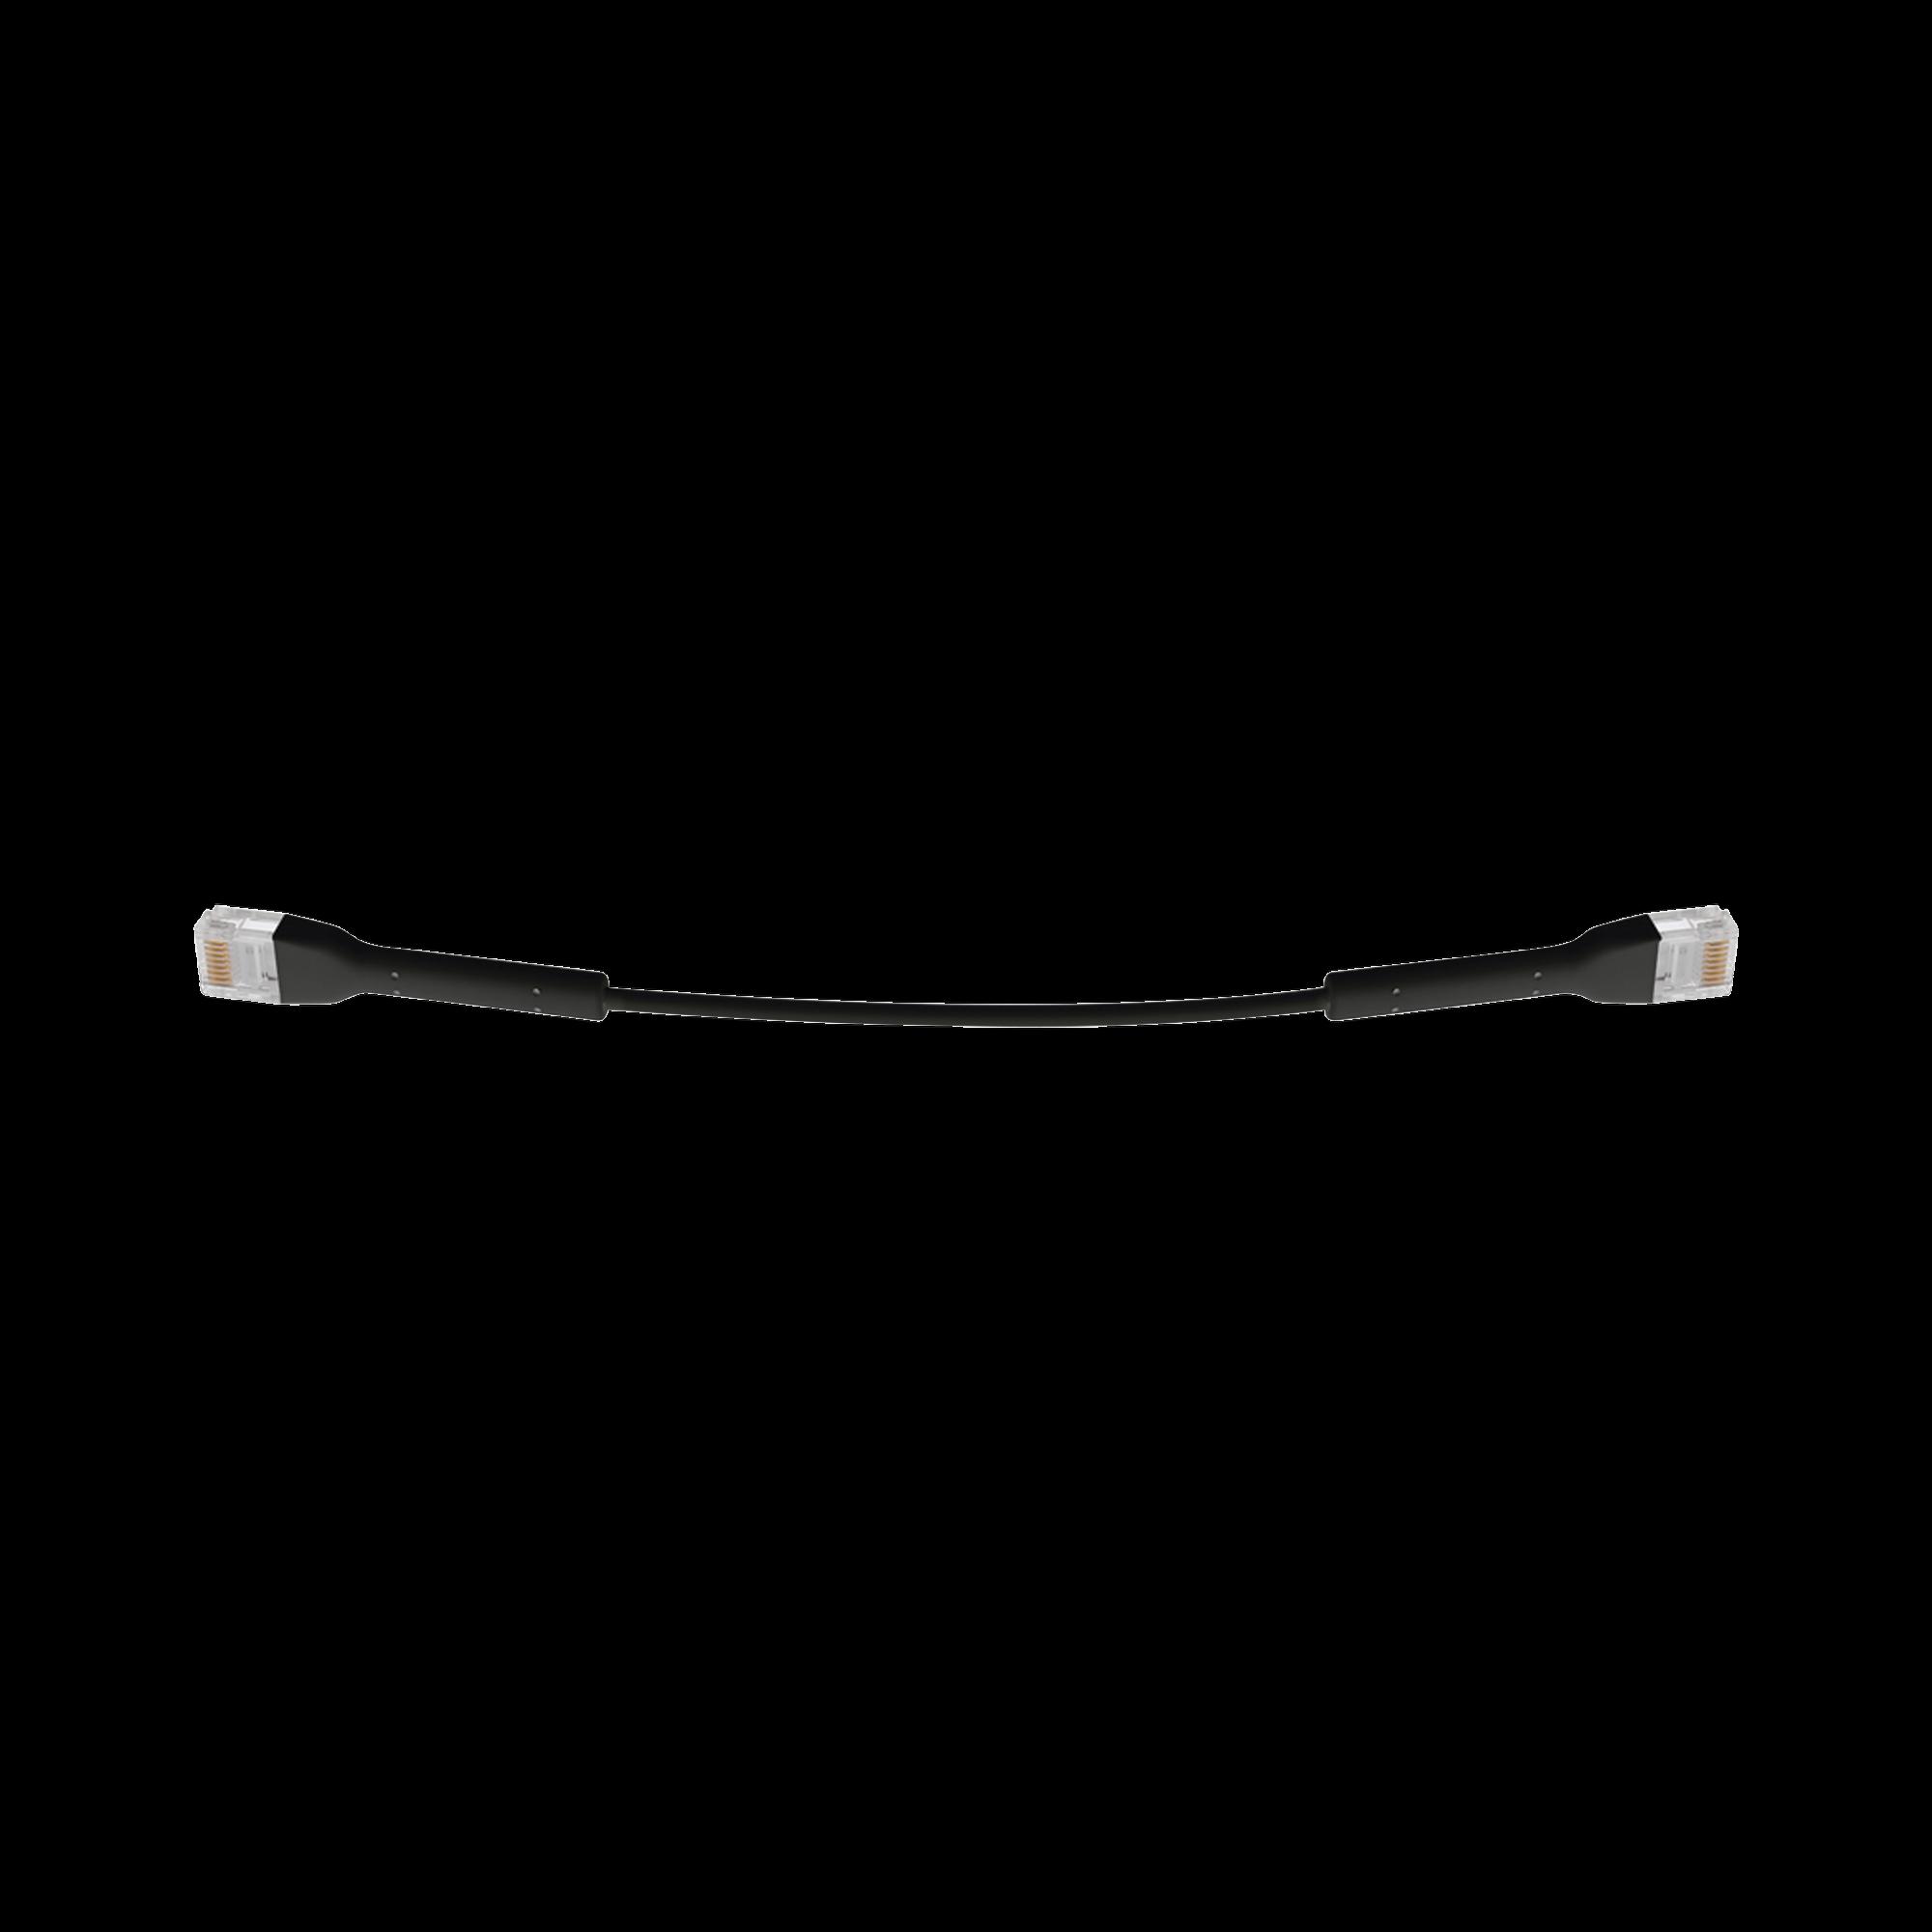 UniFi Ethernet Patch Cable Cat6 de 22 cm, color negro